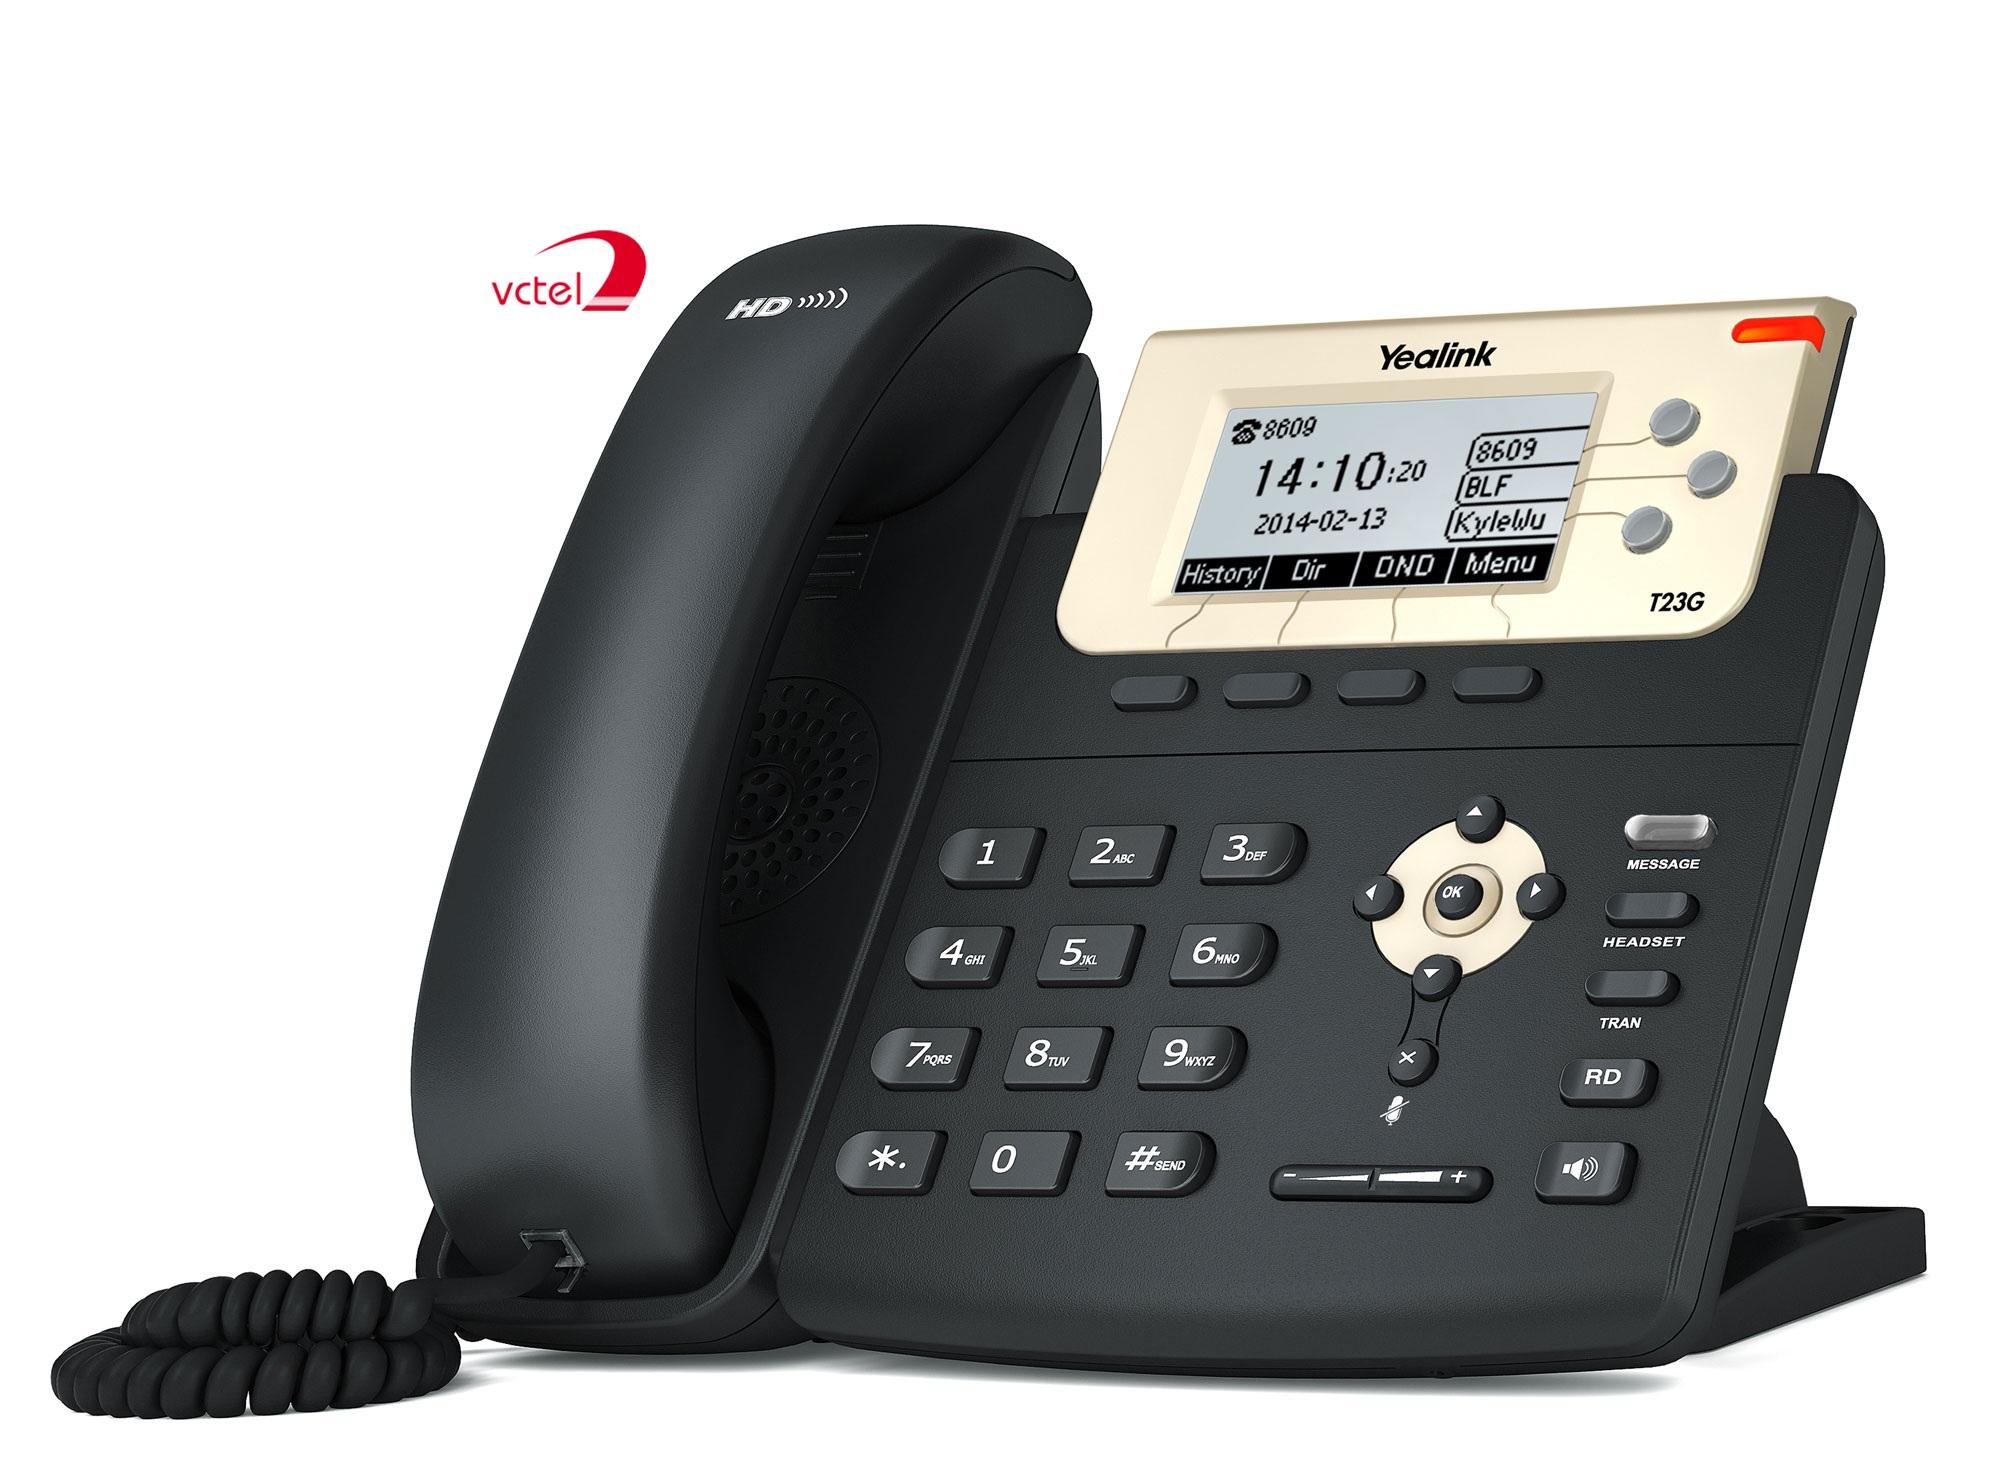 Điện thoại IP để bàn Yealink T23G âm thanh công nghệ HD chính hãng